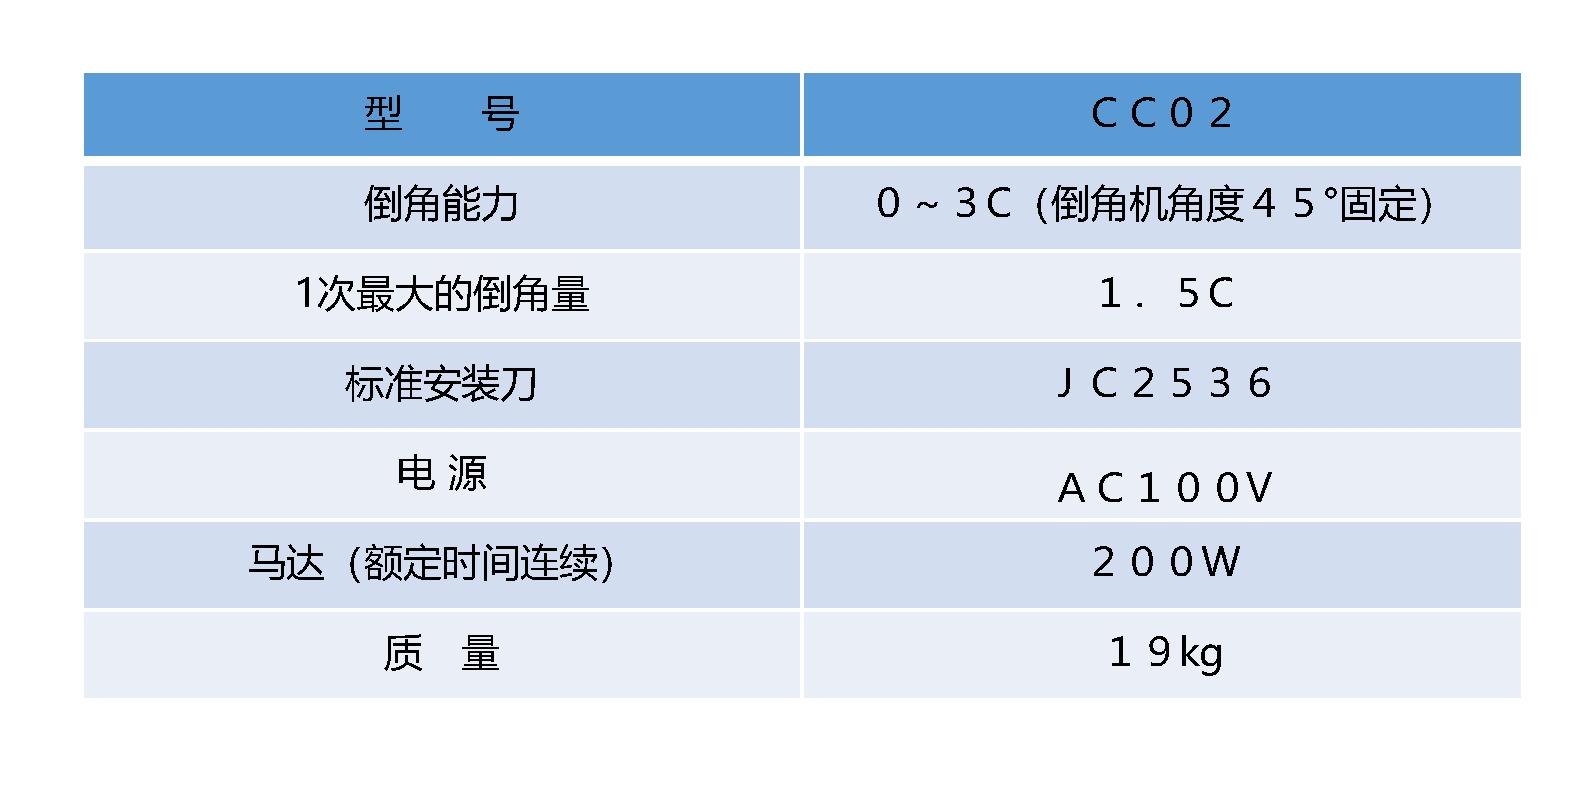 CC02_仕様表 - 中文.png